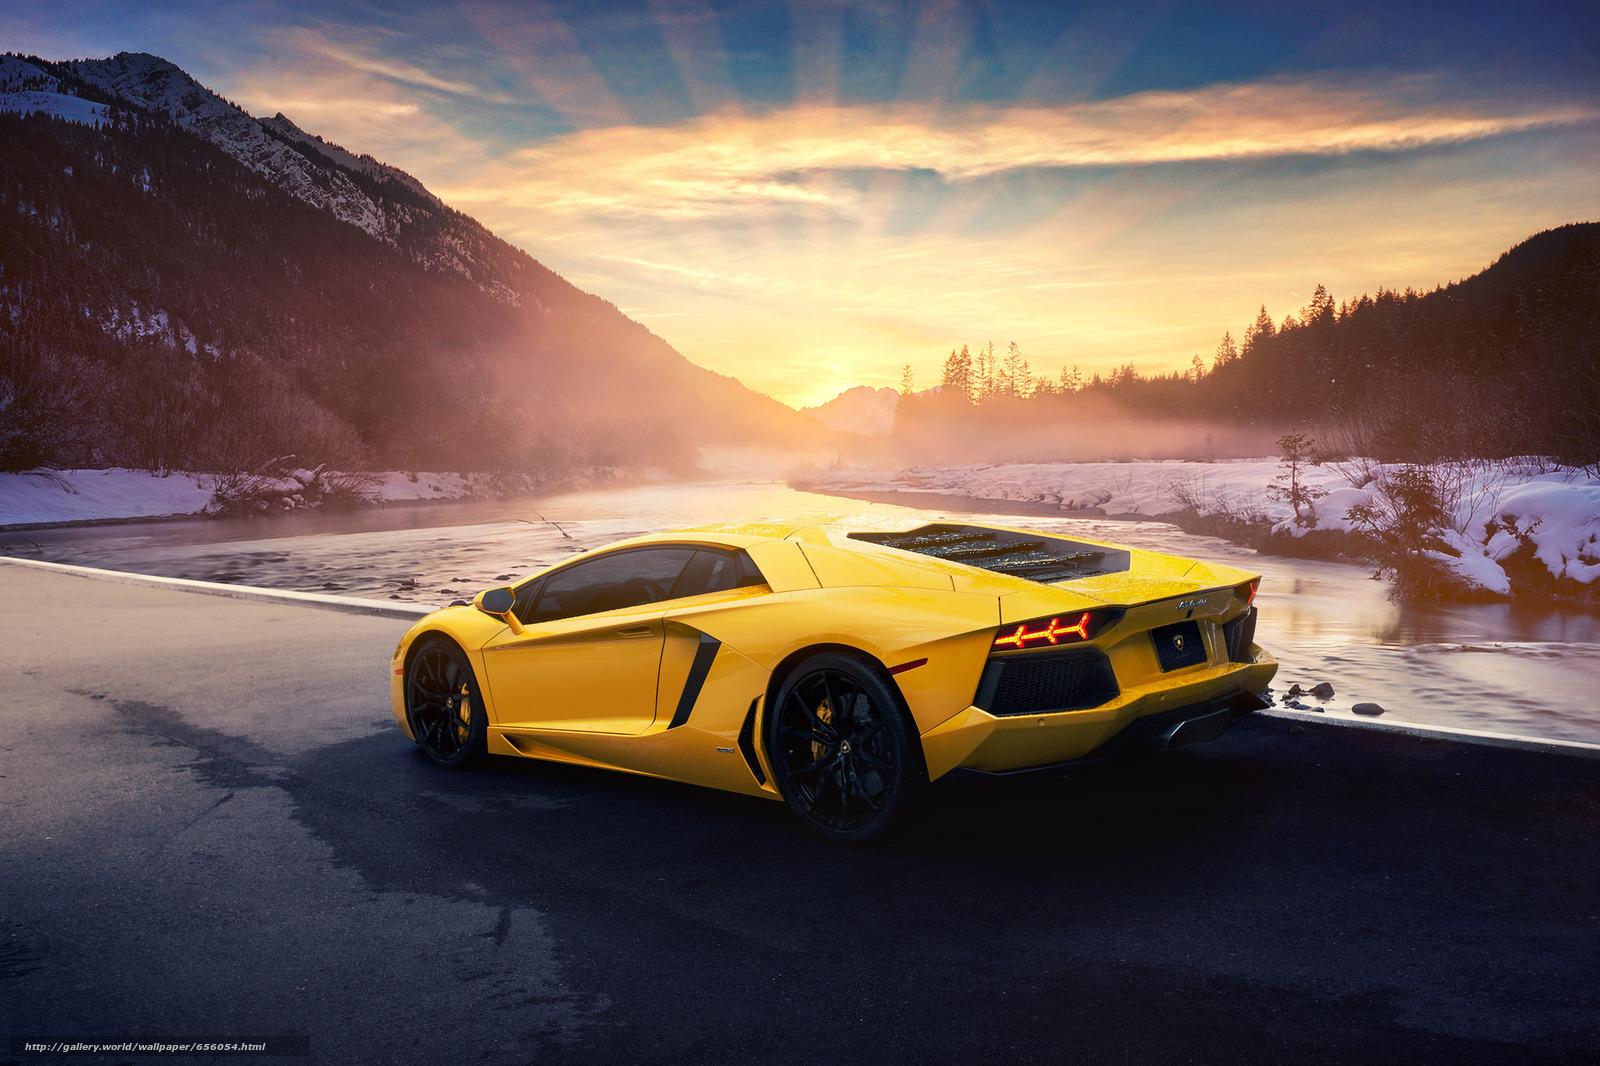 Скачать обои Lamborghini,  машина,  автомобиль бесплатно для рабочего стола в разрешении 2048x1365 — картинка №656054